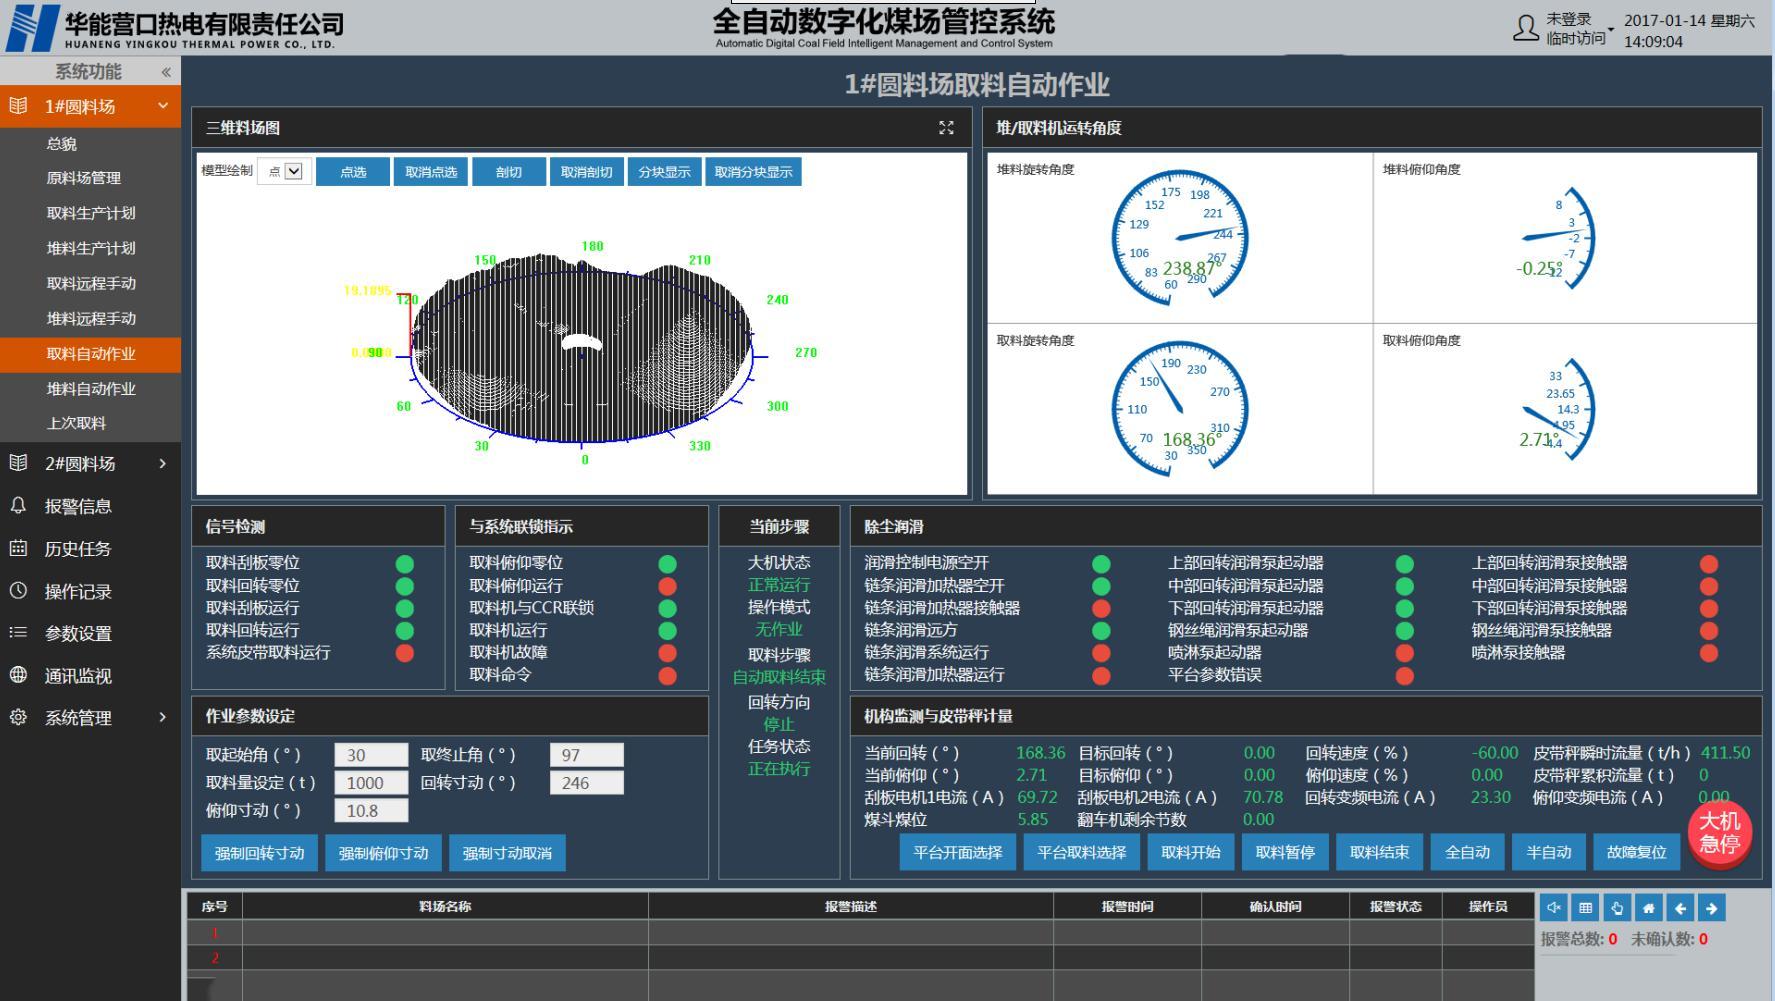 華能營口熱電廠煤場智能化管控系統